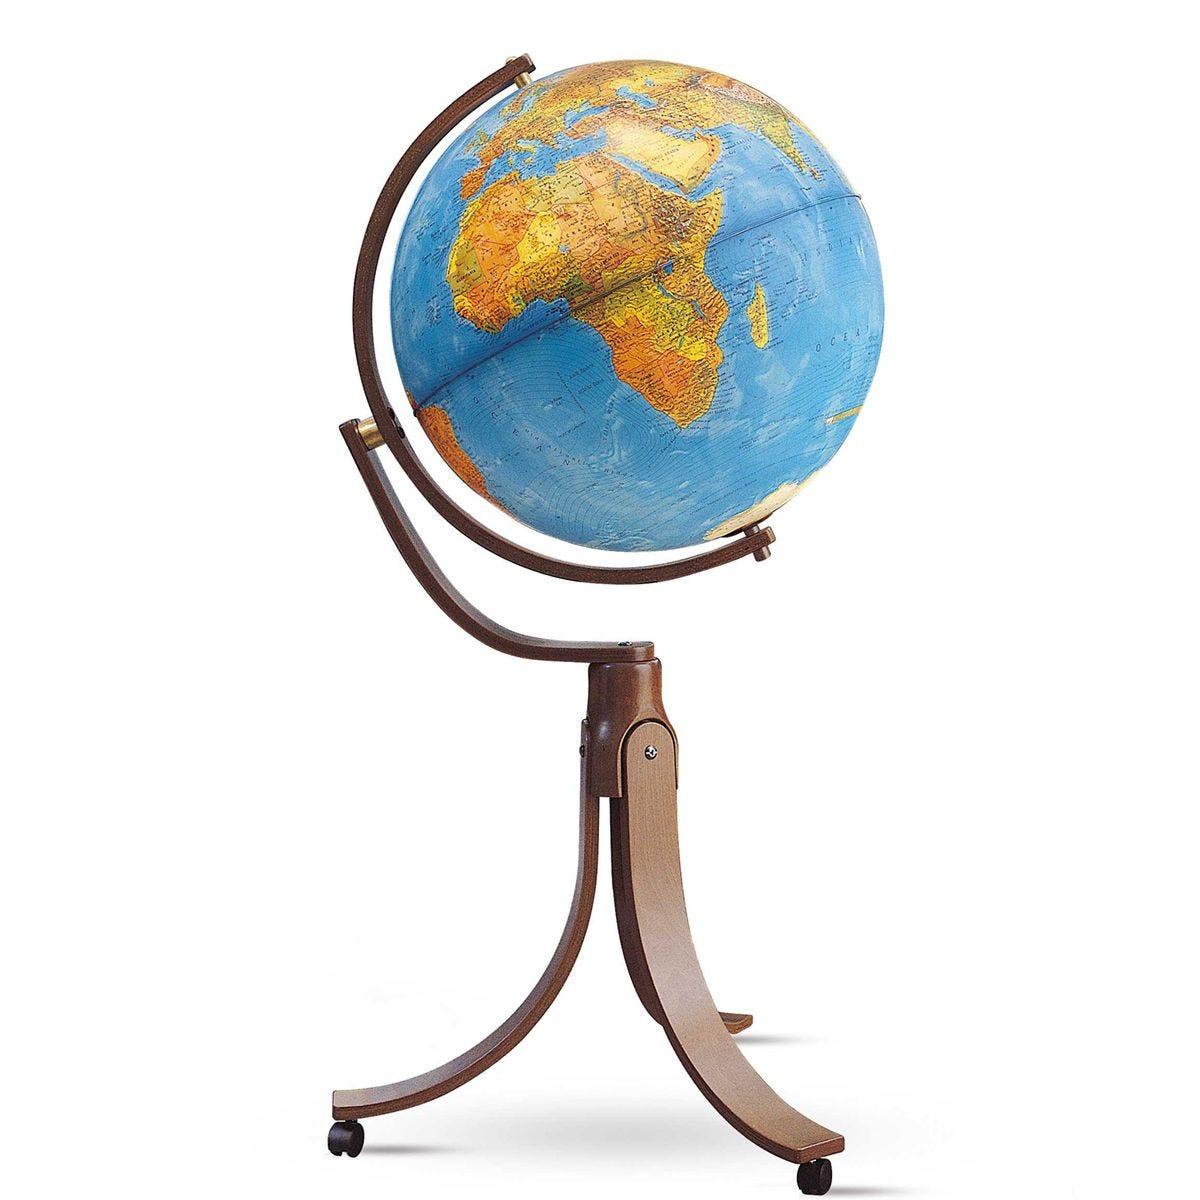 Nova Rico 50cm Emily Freestanding Illuminated Hardwood Globe